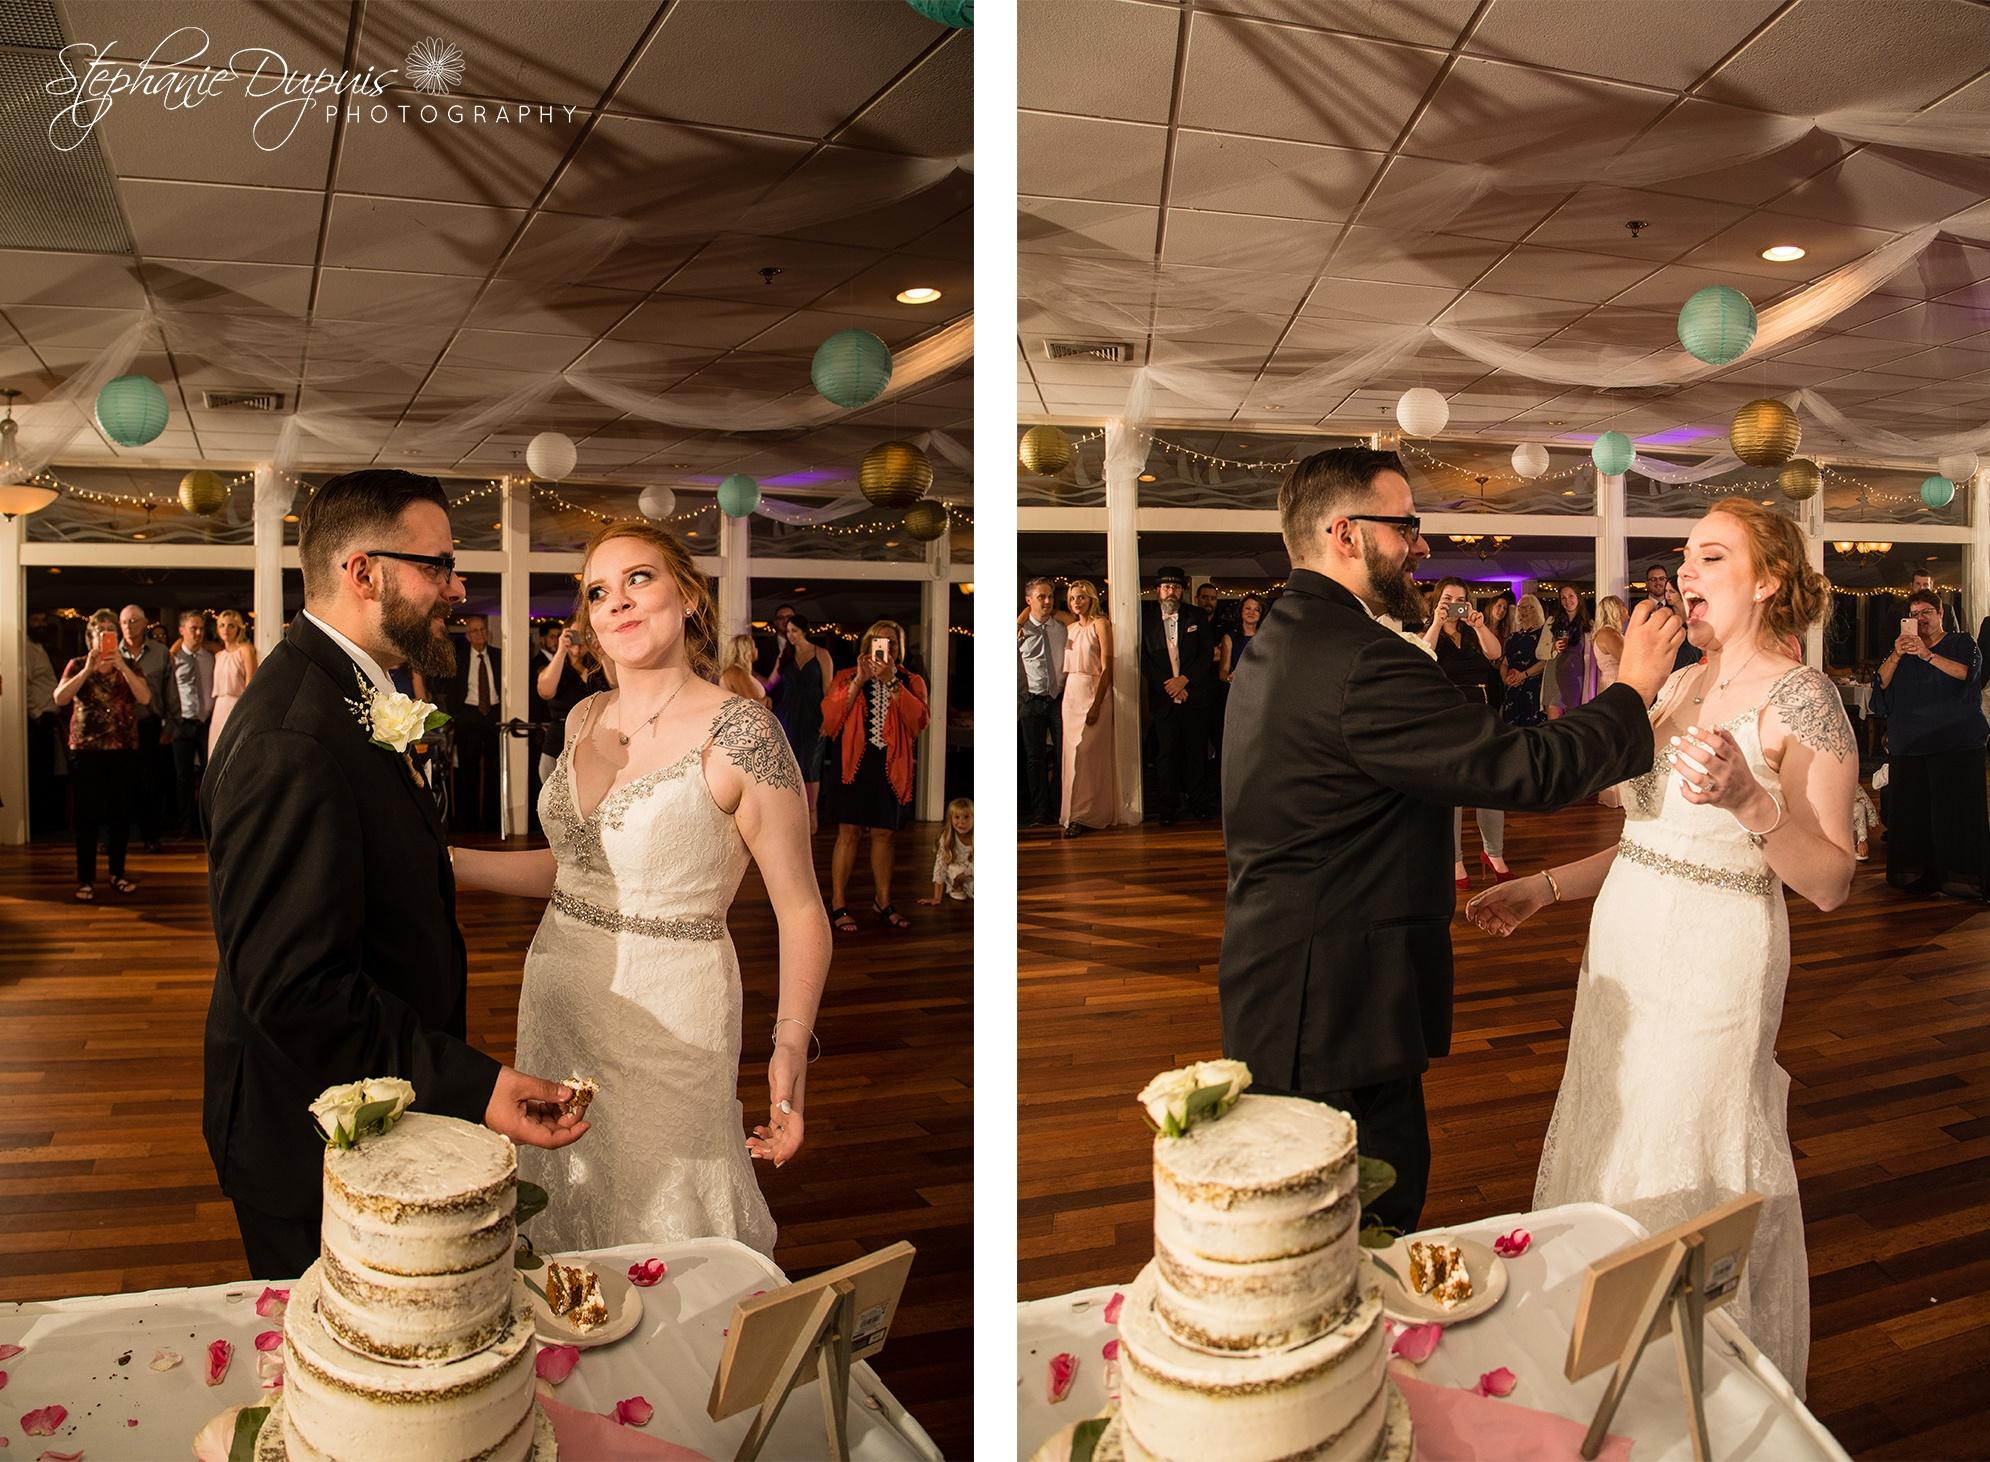 Gaffney 33 - Portfolio: Gaffney Wedding